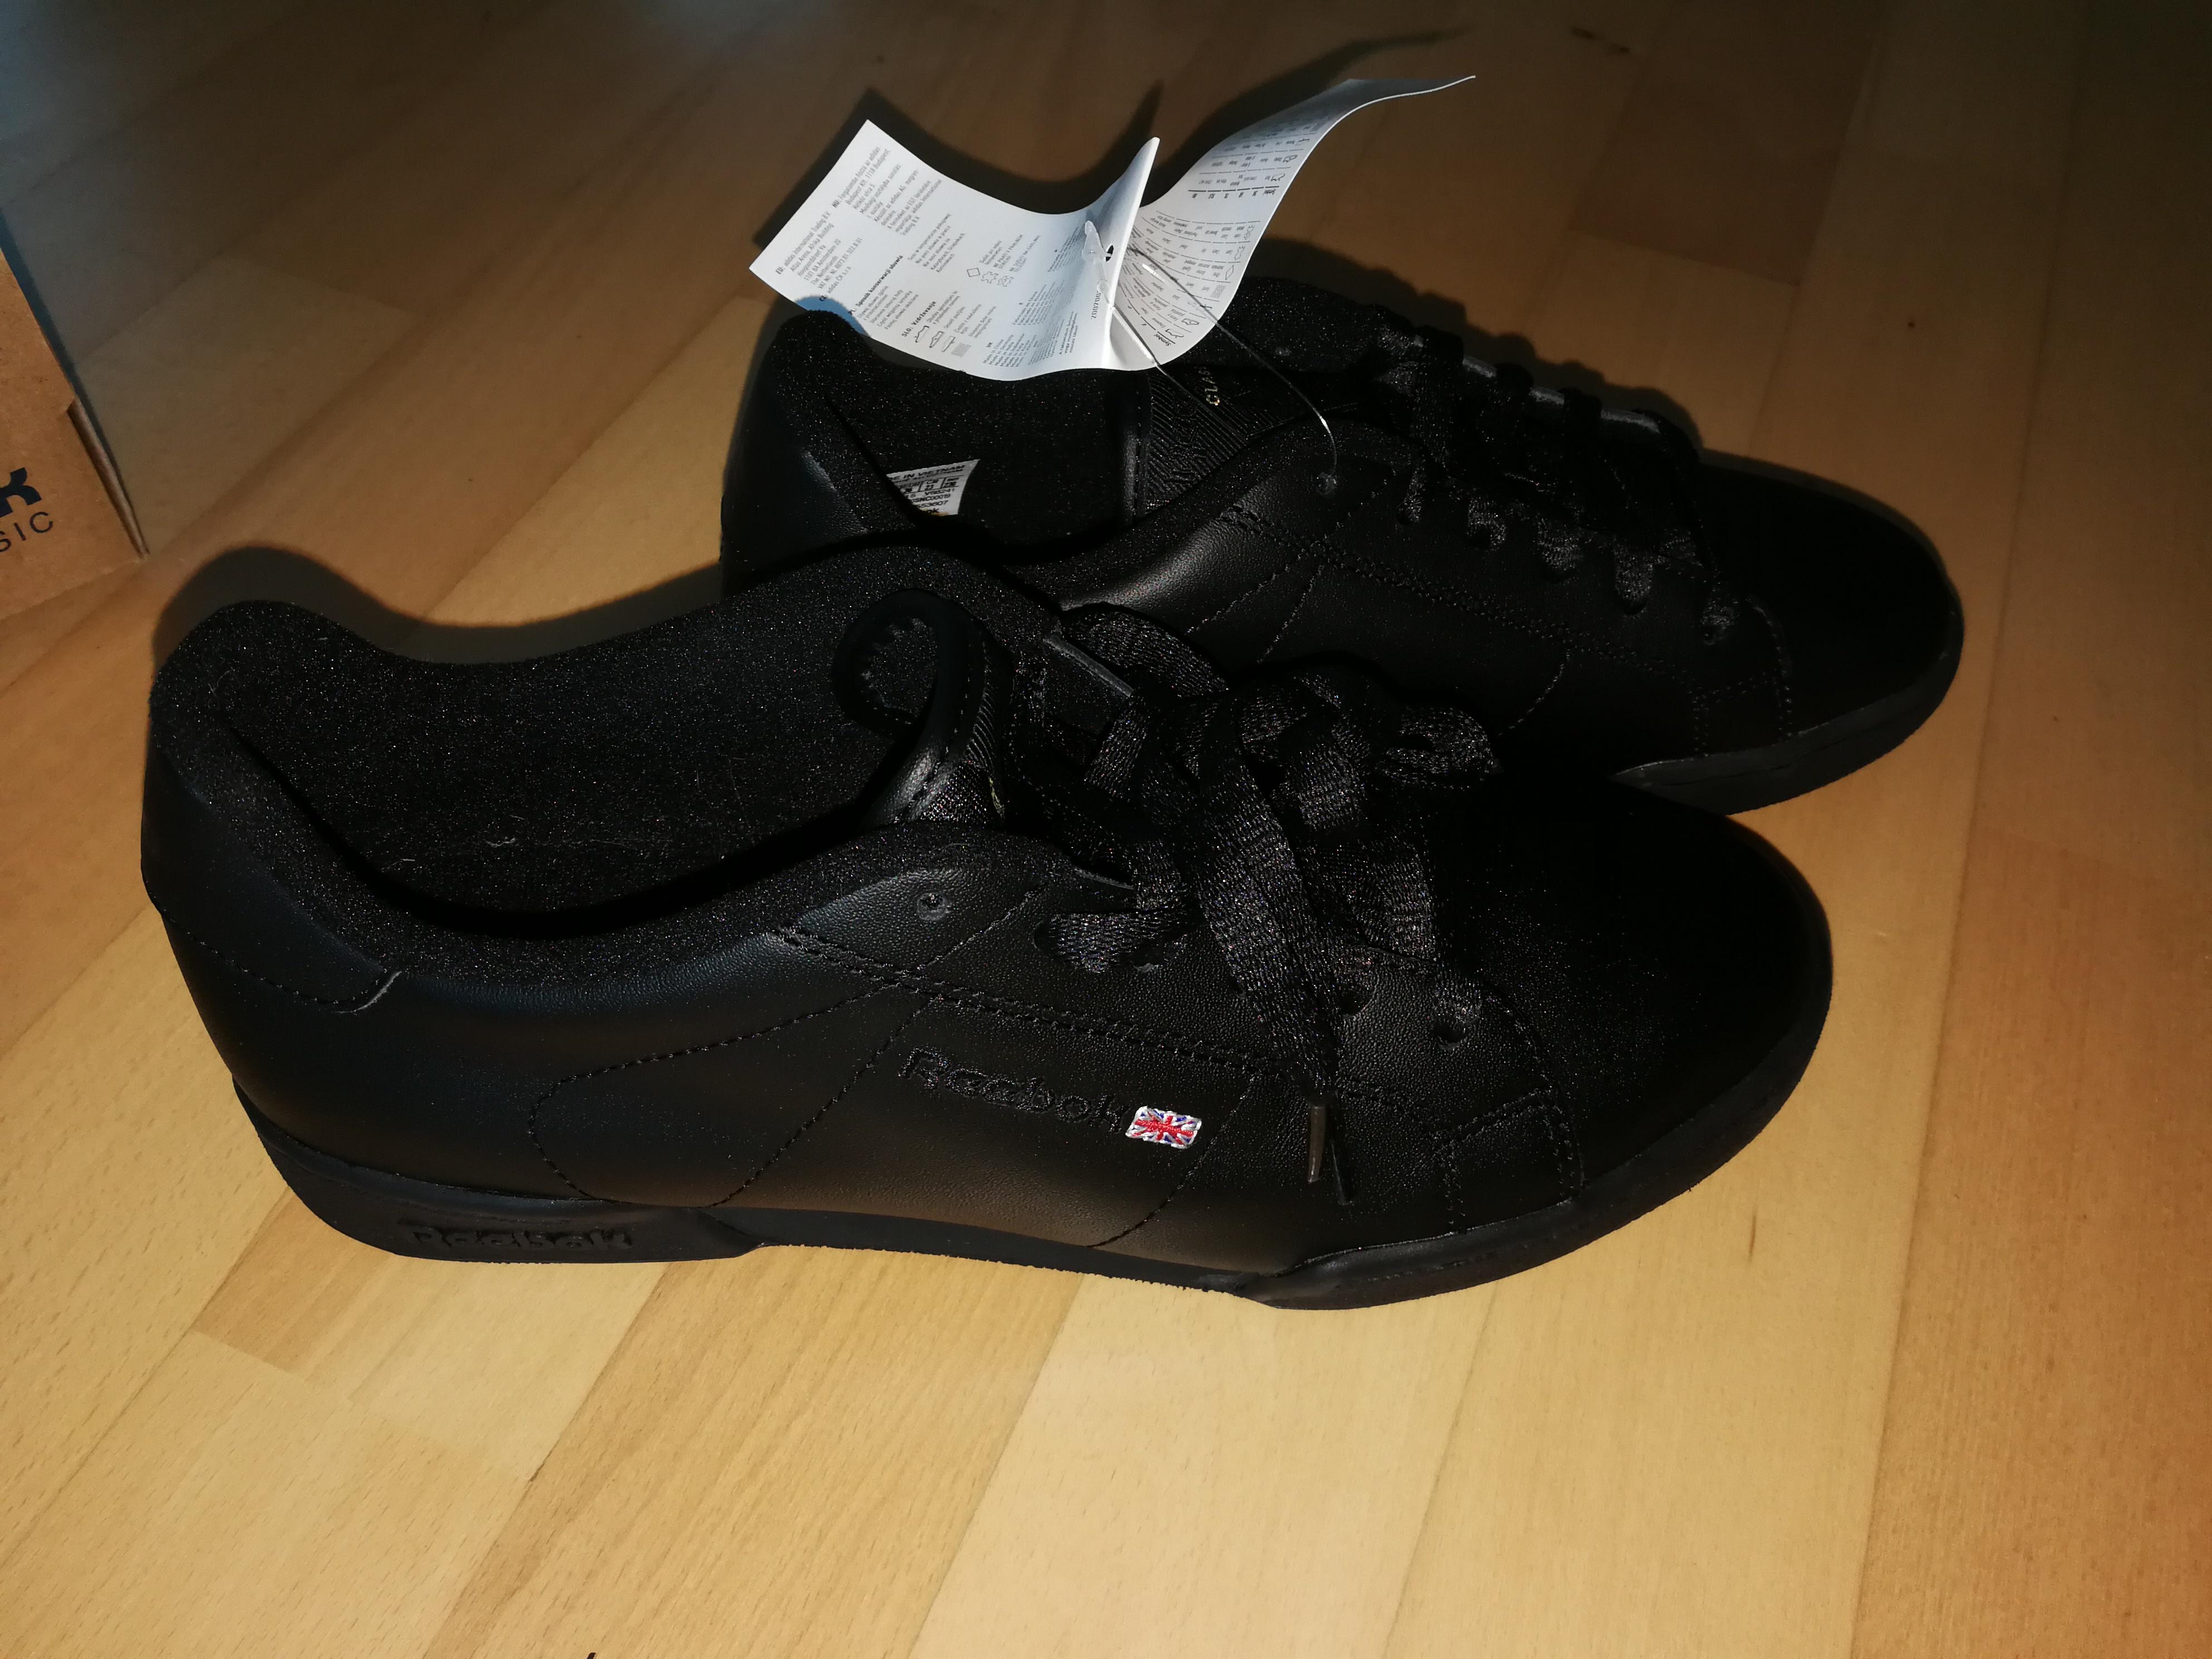 Bild Nummer 3 von Schwarze Reebook Sneaker/Sportschuhe re.40/li.37